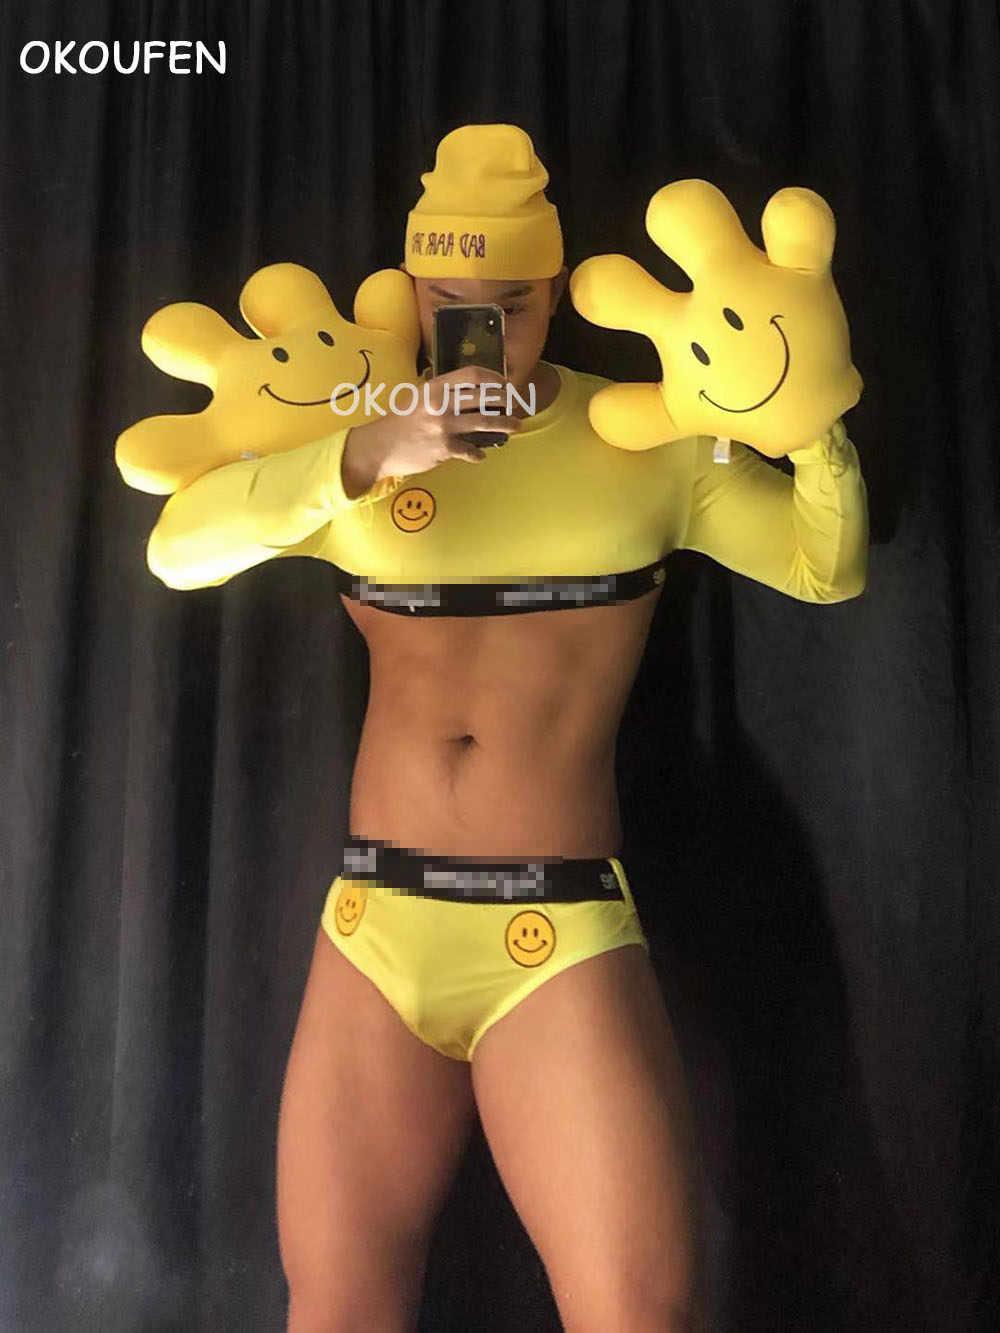 ヨーロッパとアメリカのバーパーティー服バー ds ステージセクシーなショー DJ 男性と女性黄色笑顔潮ブランドスーツ